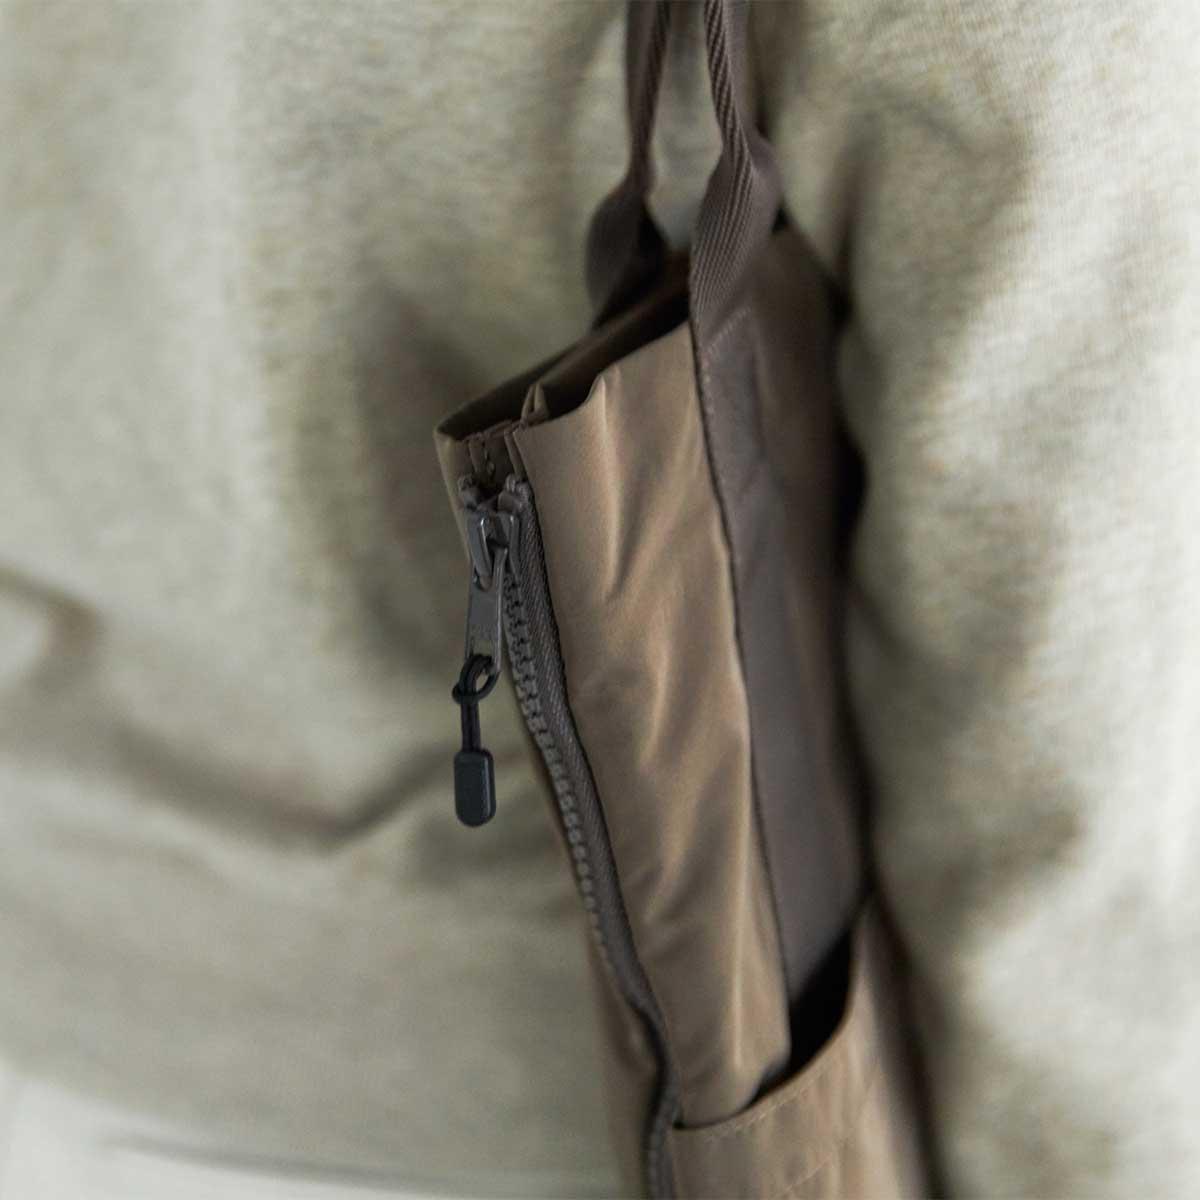 ぺたんこトートで出かけた先で、スムーズにファスナーを開いて、大容量バッグへ広げられます。薄型トートバッグが大容量バッグに変身するバッグ|WARPトランスフォームジッパーバッグ